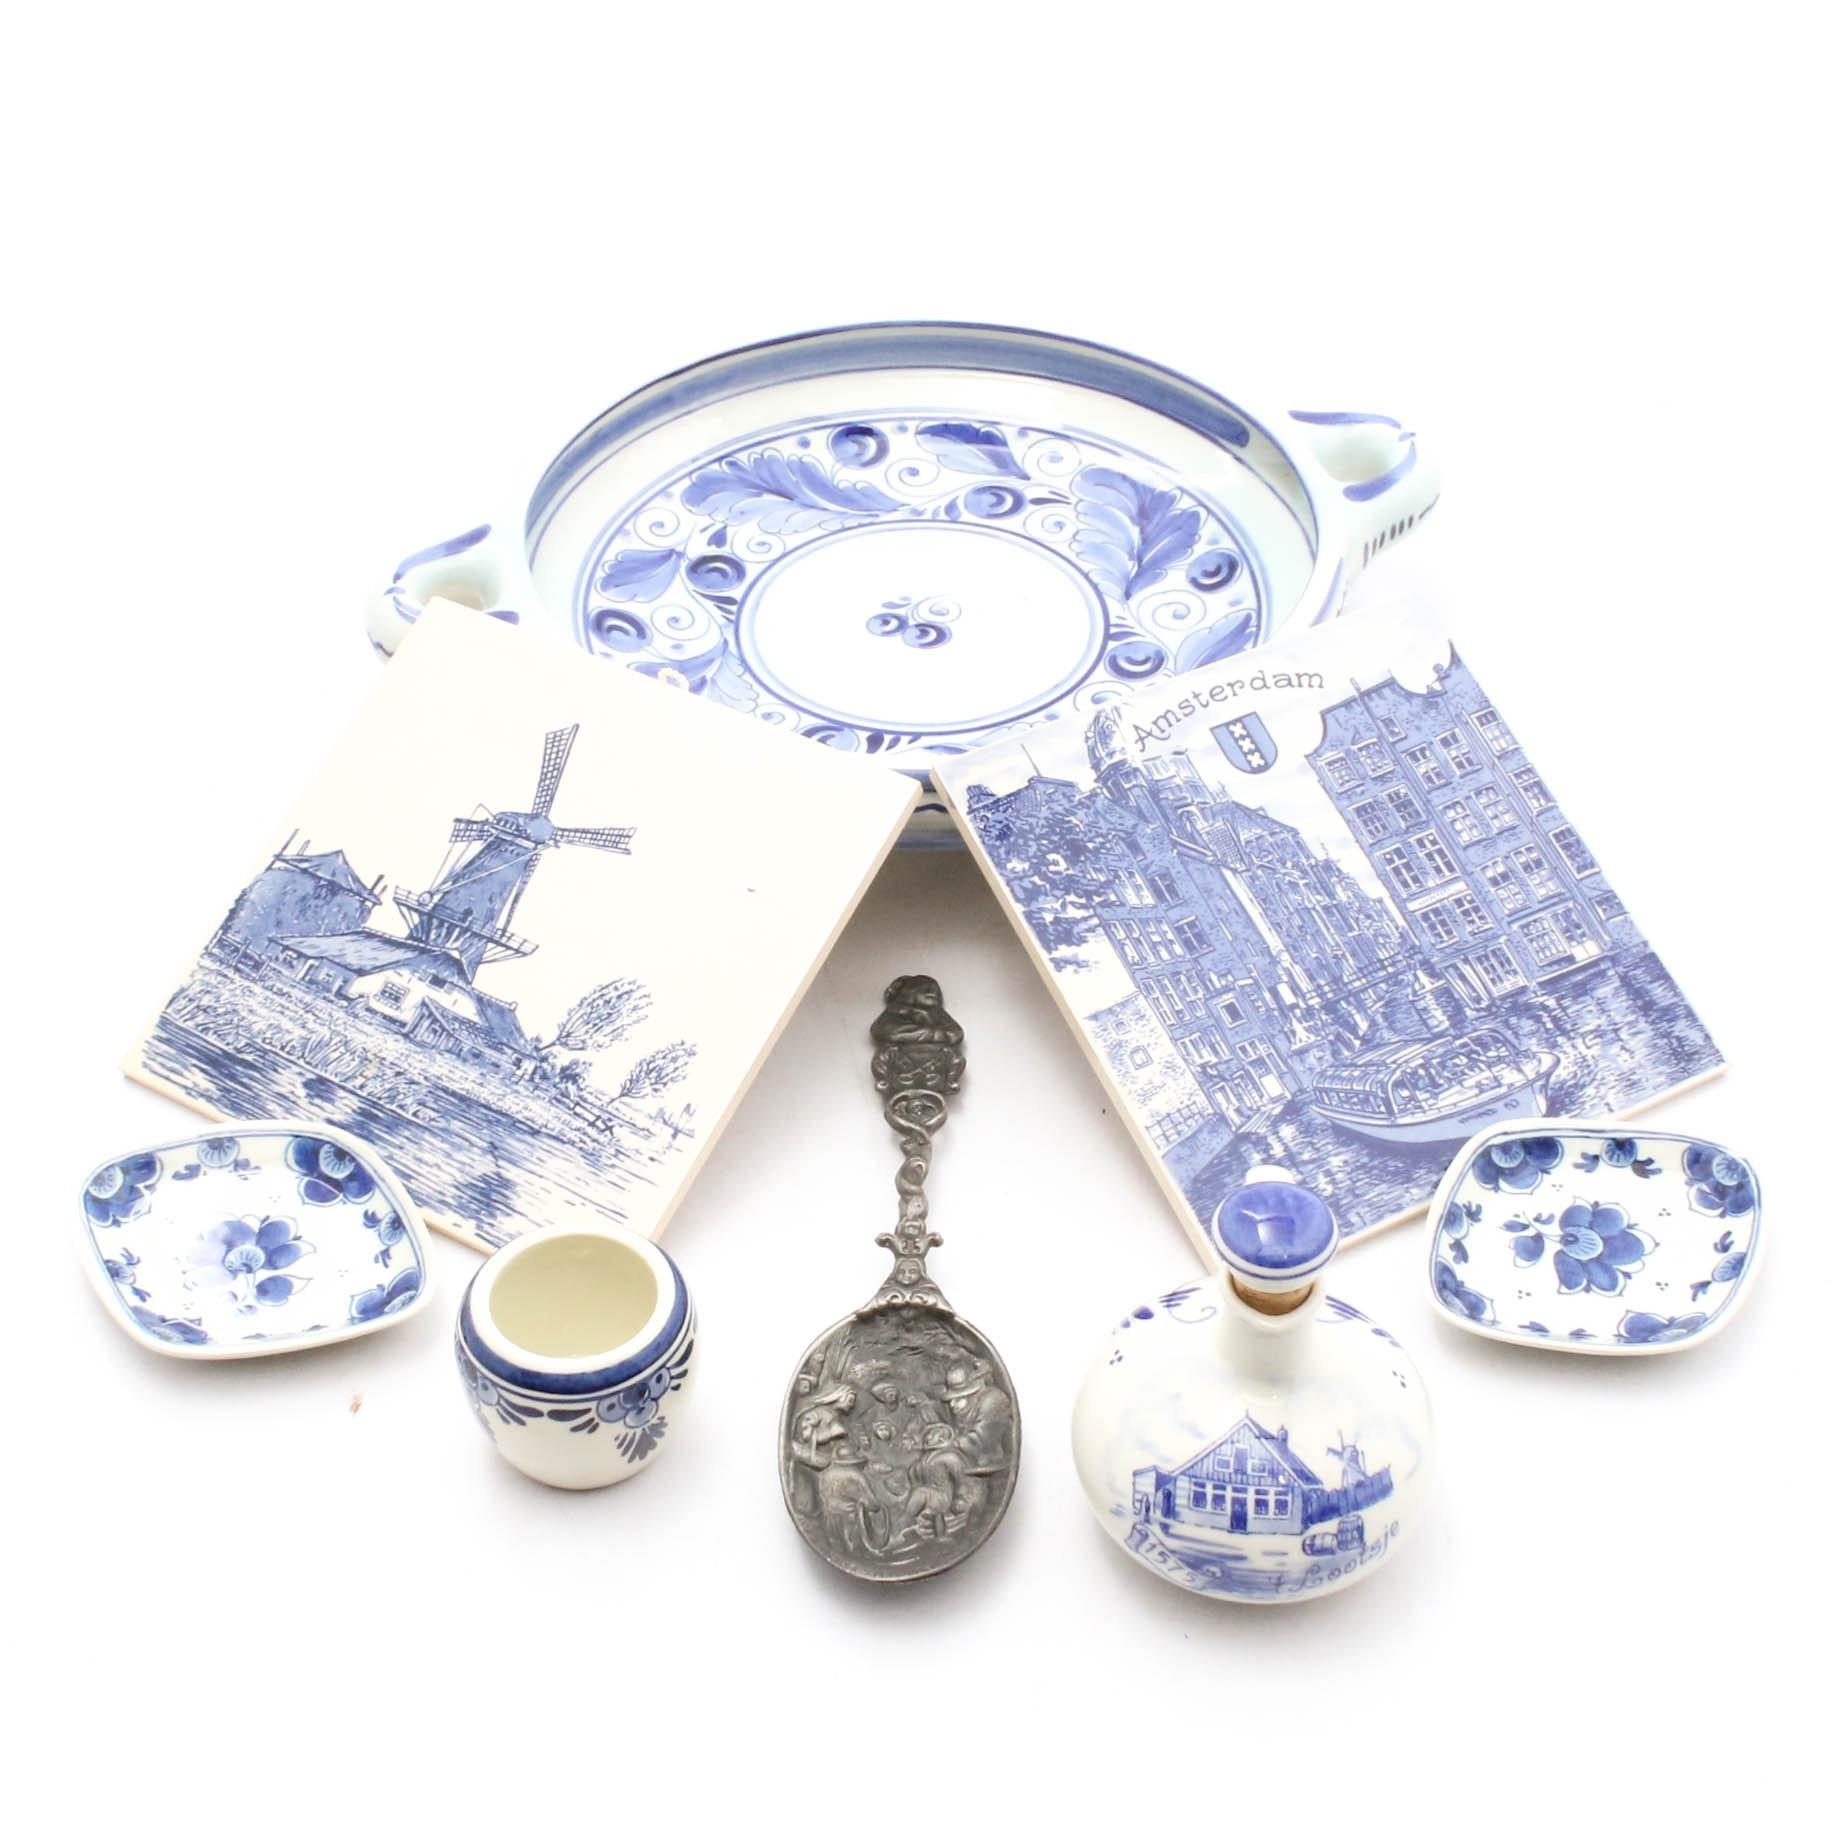 Delft and More Dutch Ceramics and Souvenirs